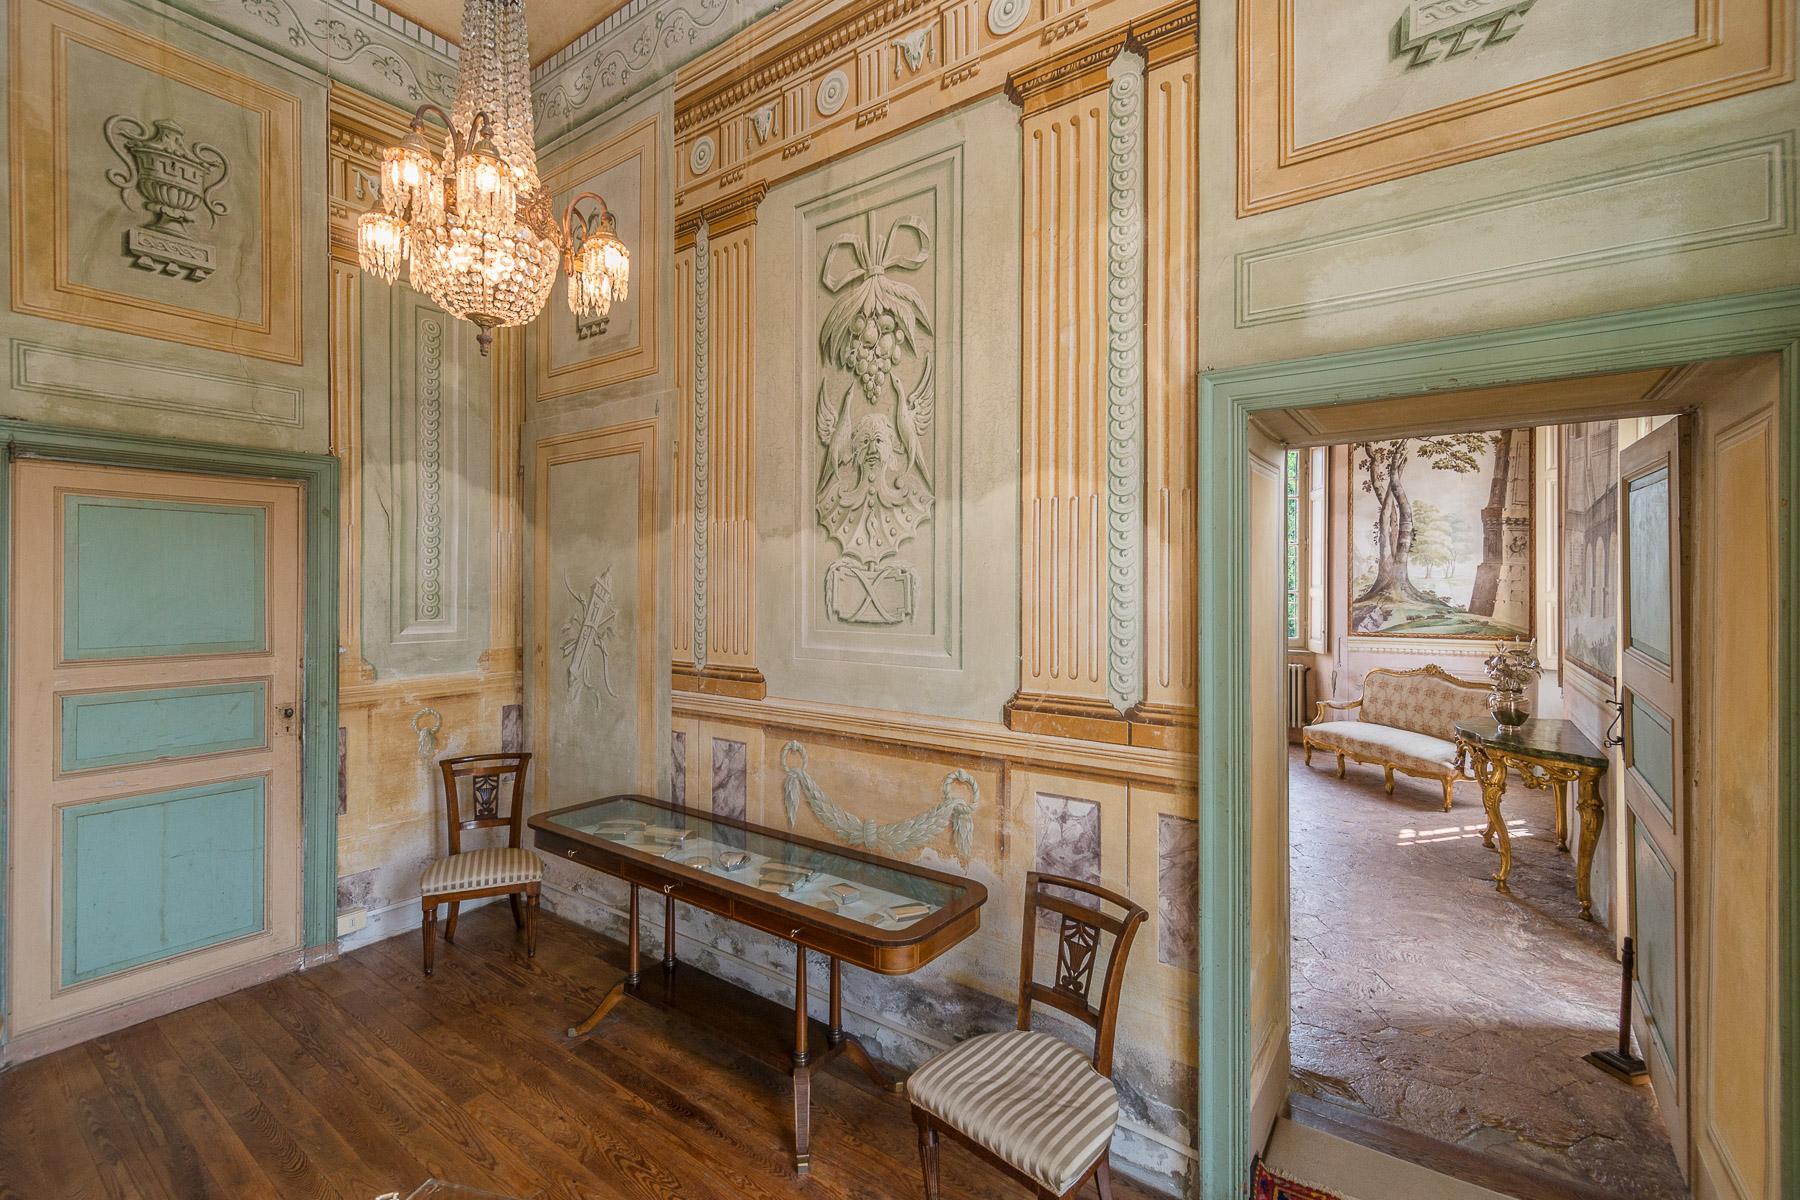 Villa storica del XVII secolo in Alzate Brianza - 17